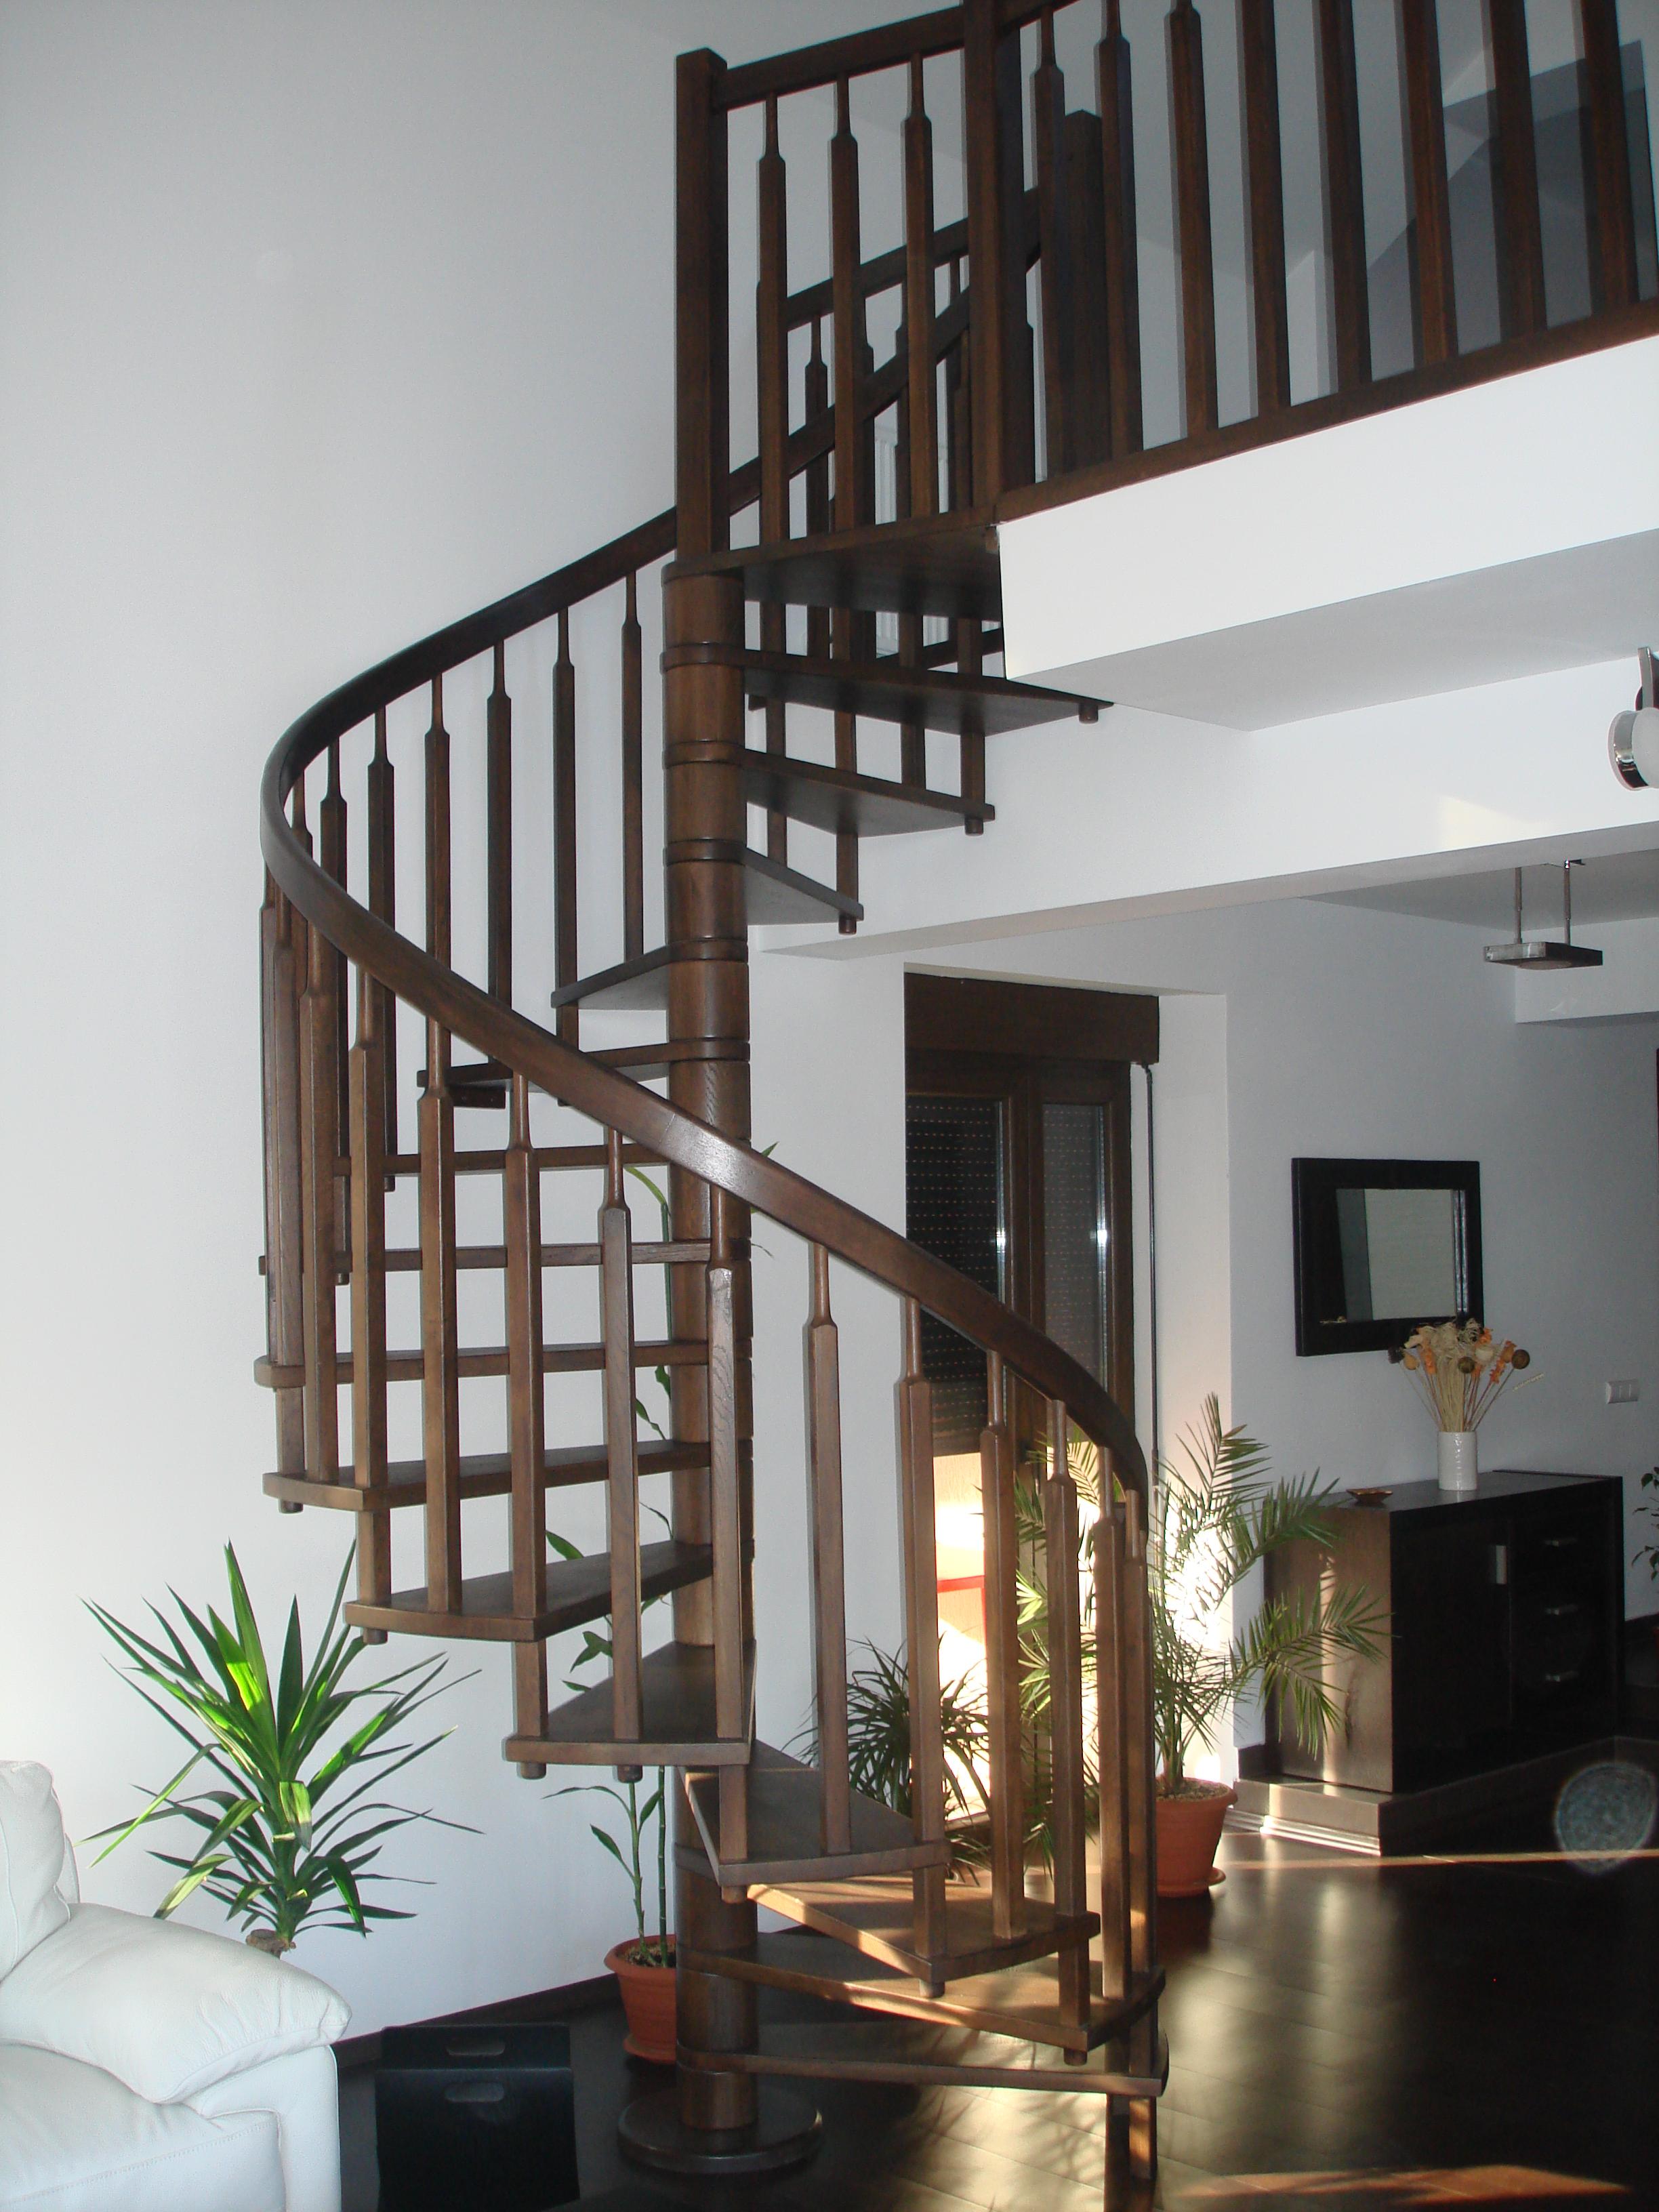 Scari interioare din lemn - Realizate la comanda TURSO HOLZ - Poza 1